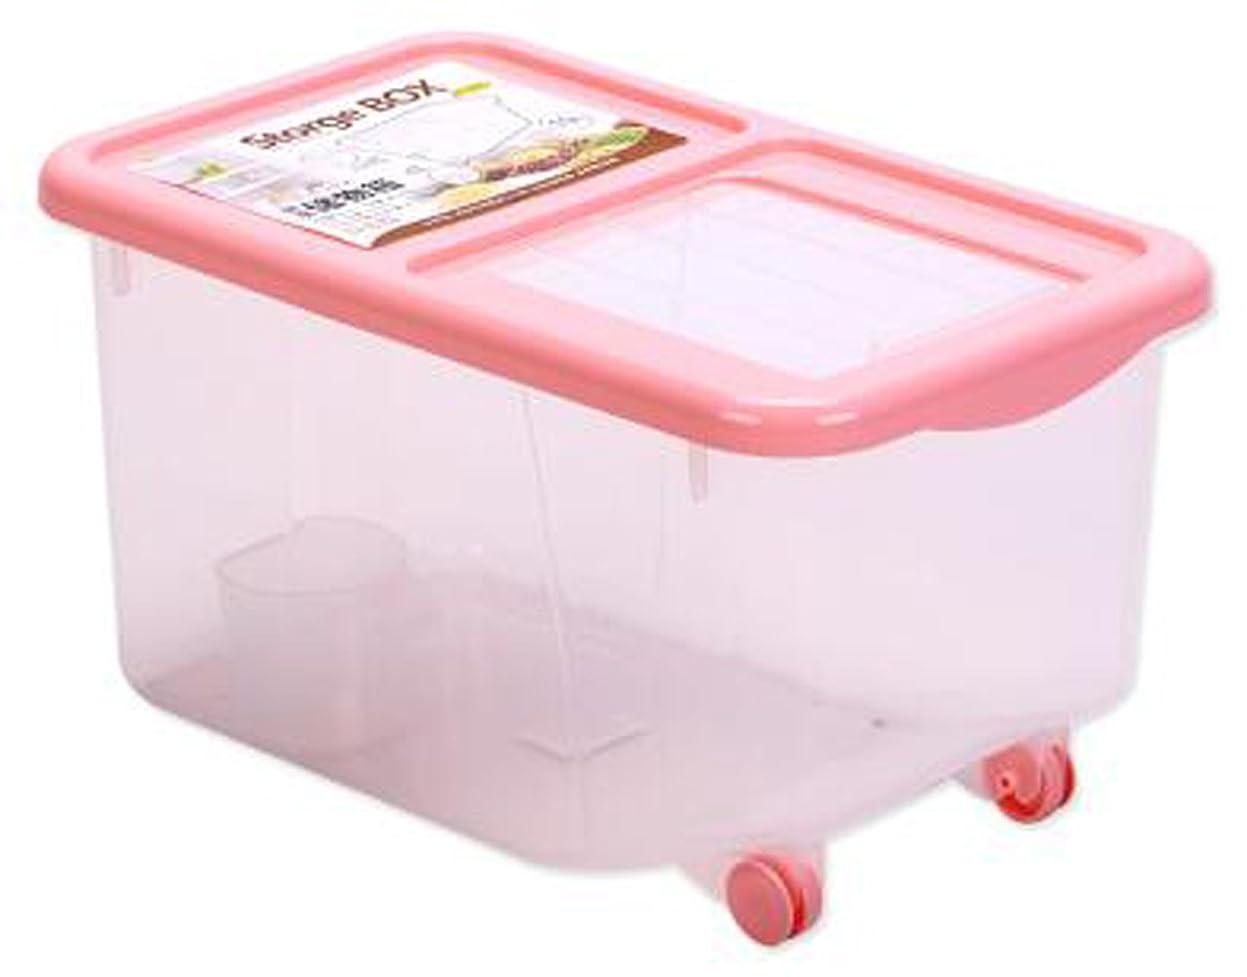 もつれ信頼性好意的薩牧徳米びつプラスチック防虫防湿蓋付き米びつ大容量米びつ (20kg, ピンク)